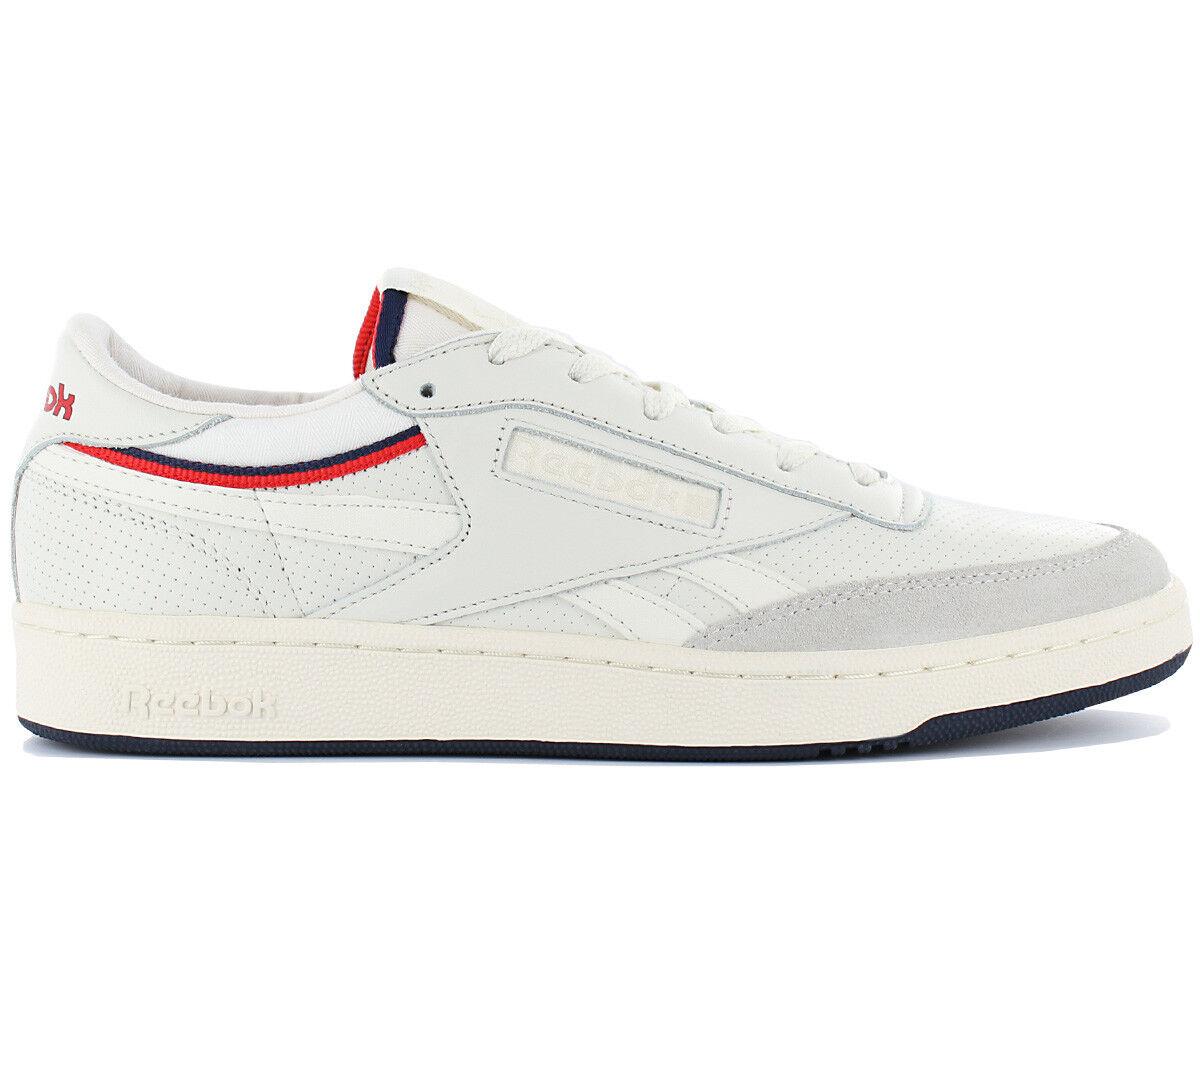 Reebok VENGANZA Blanco thof Zapatillas de hombre Blanco VENGANZA Cuero Zapatos Classic bd2885 498d48